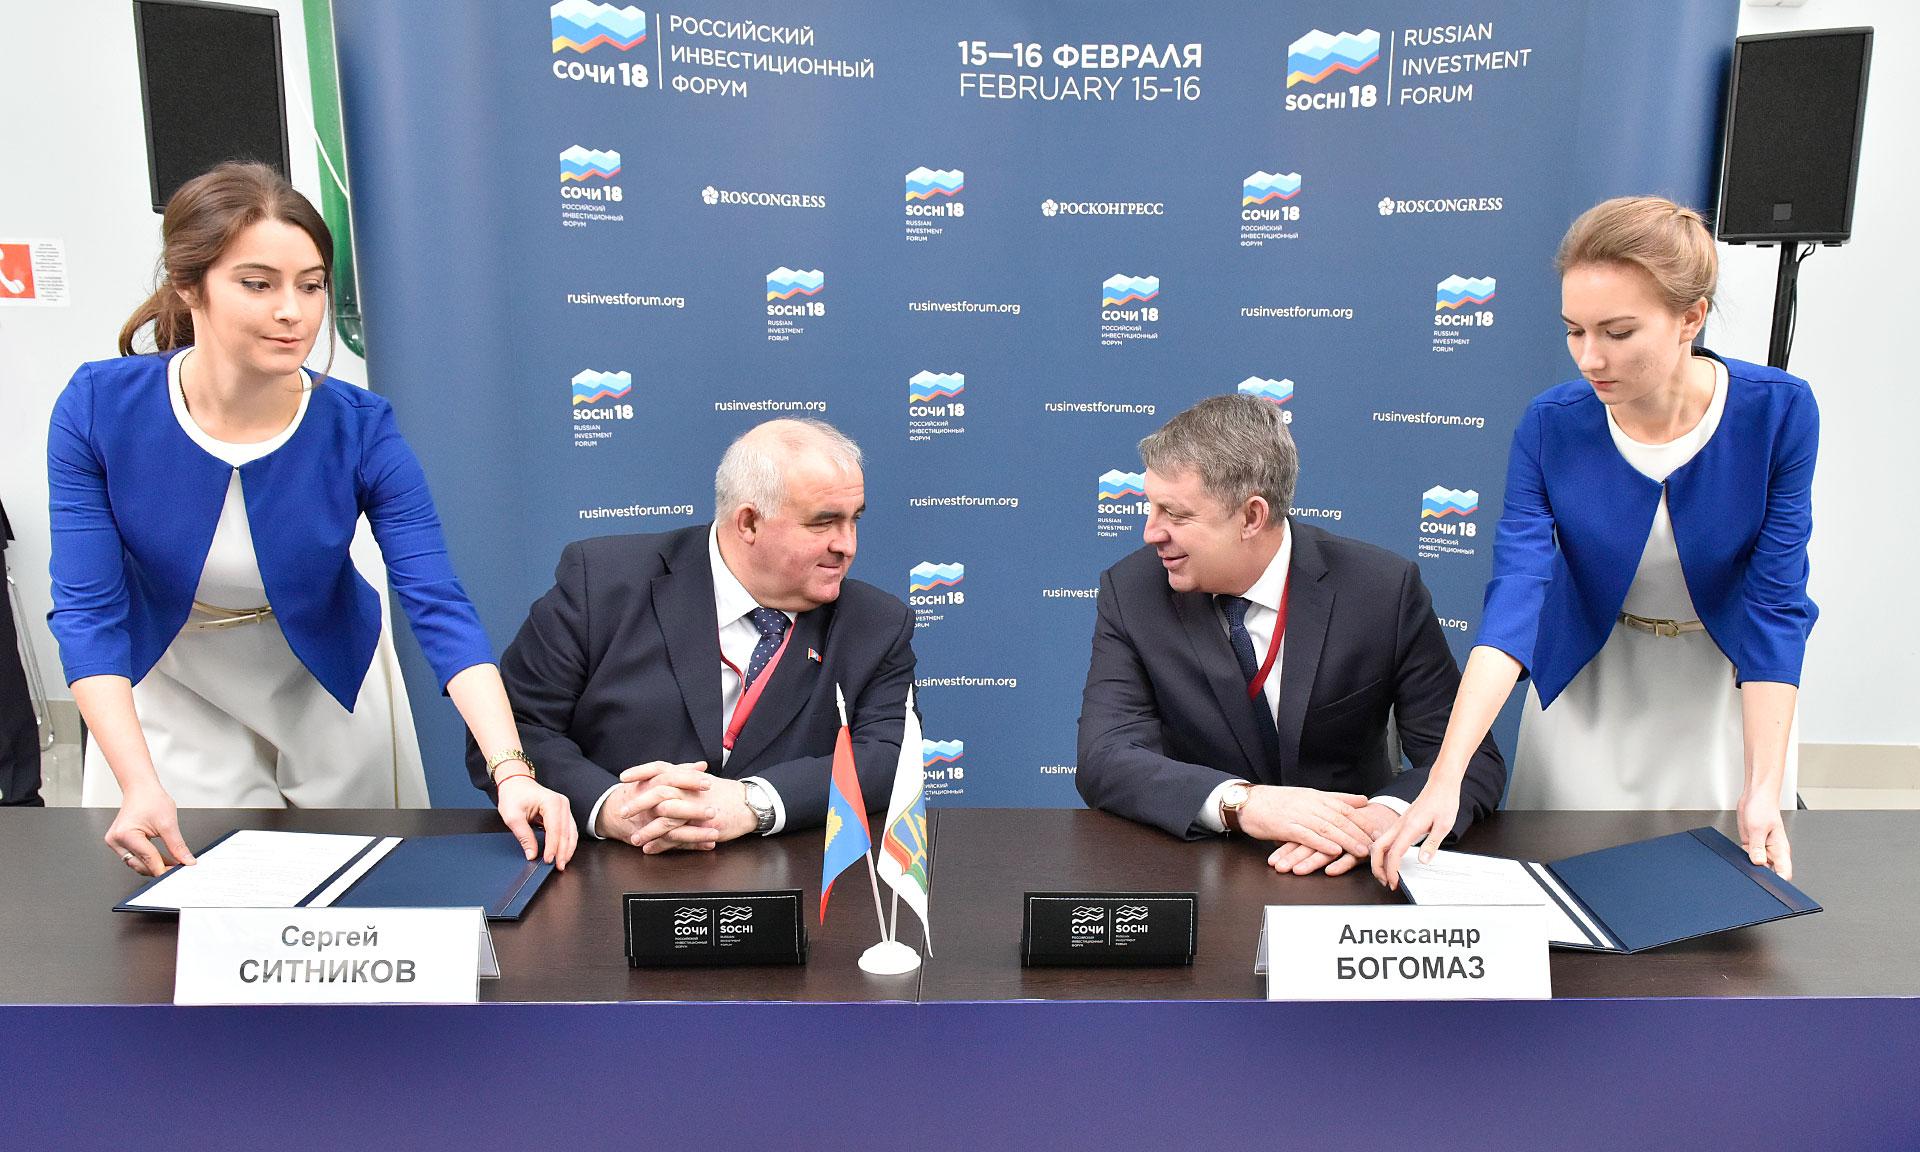 Губернатор Богомаз исписал ручку, подписывая инвестиционные соглашения в Сочи